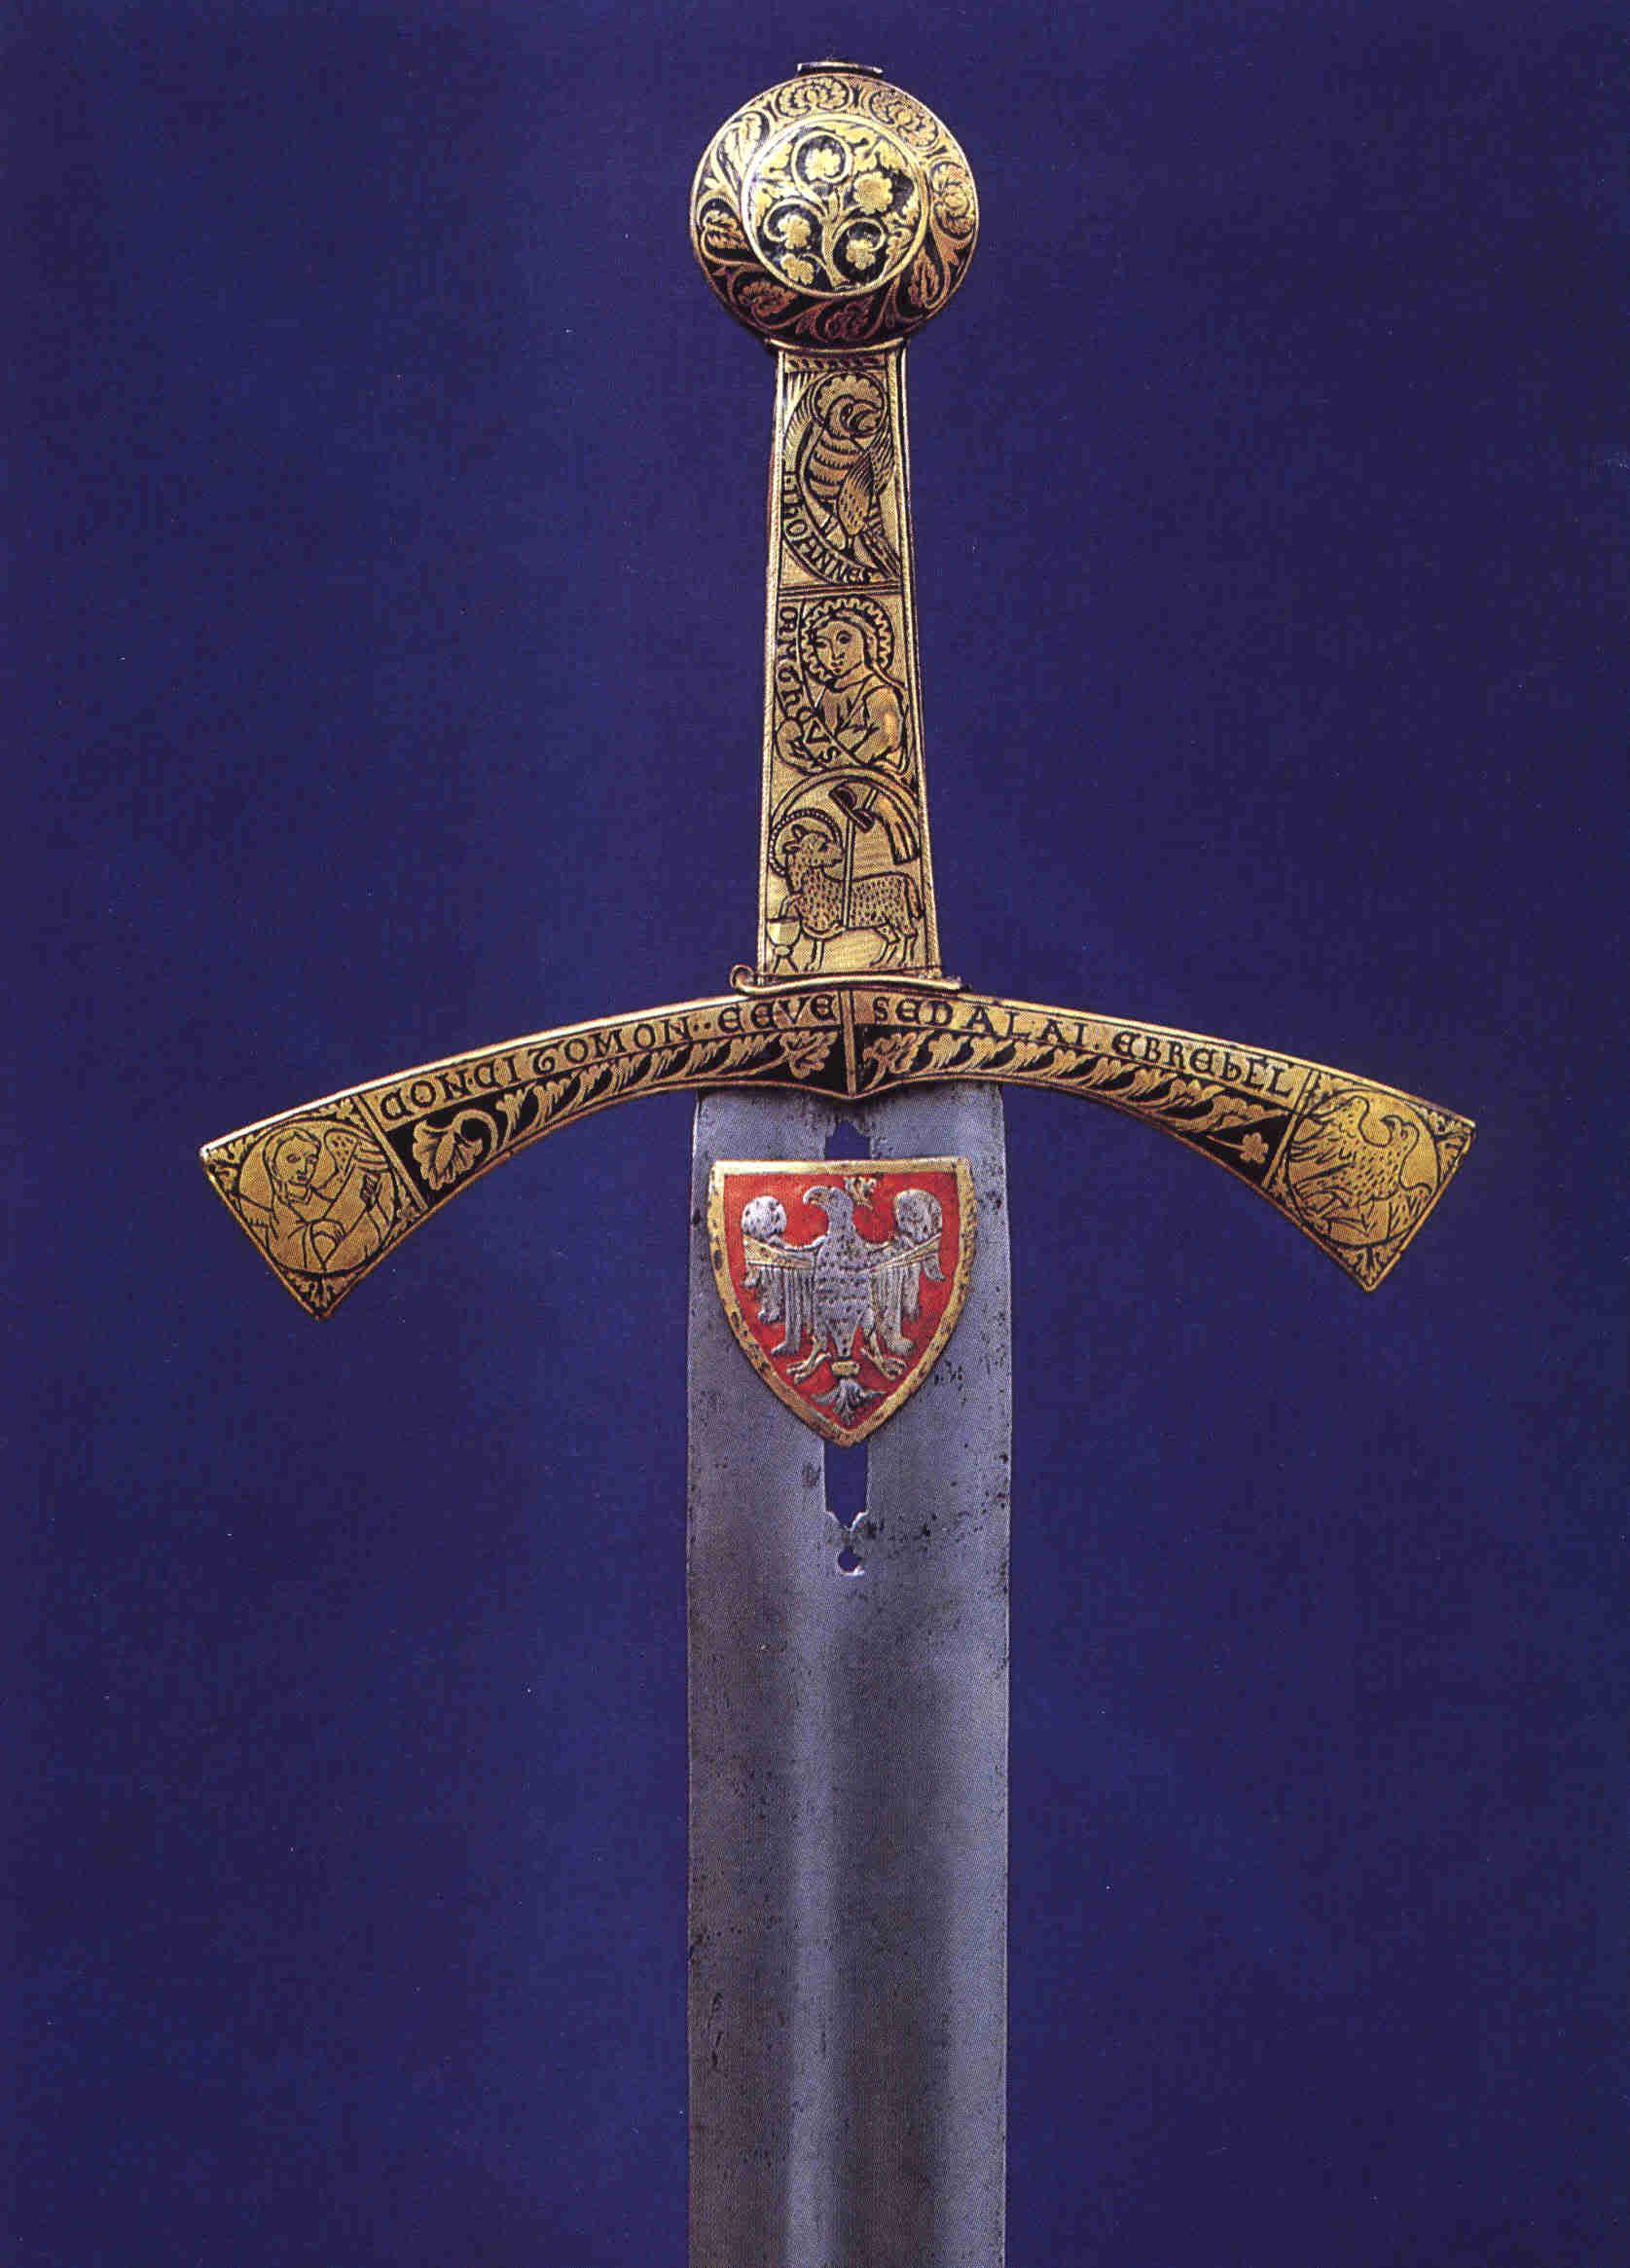 Historie polského meče Szczerbiec sahá až do 13. století.